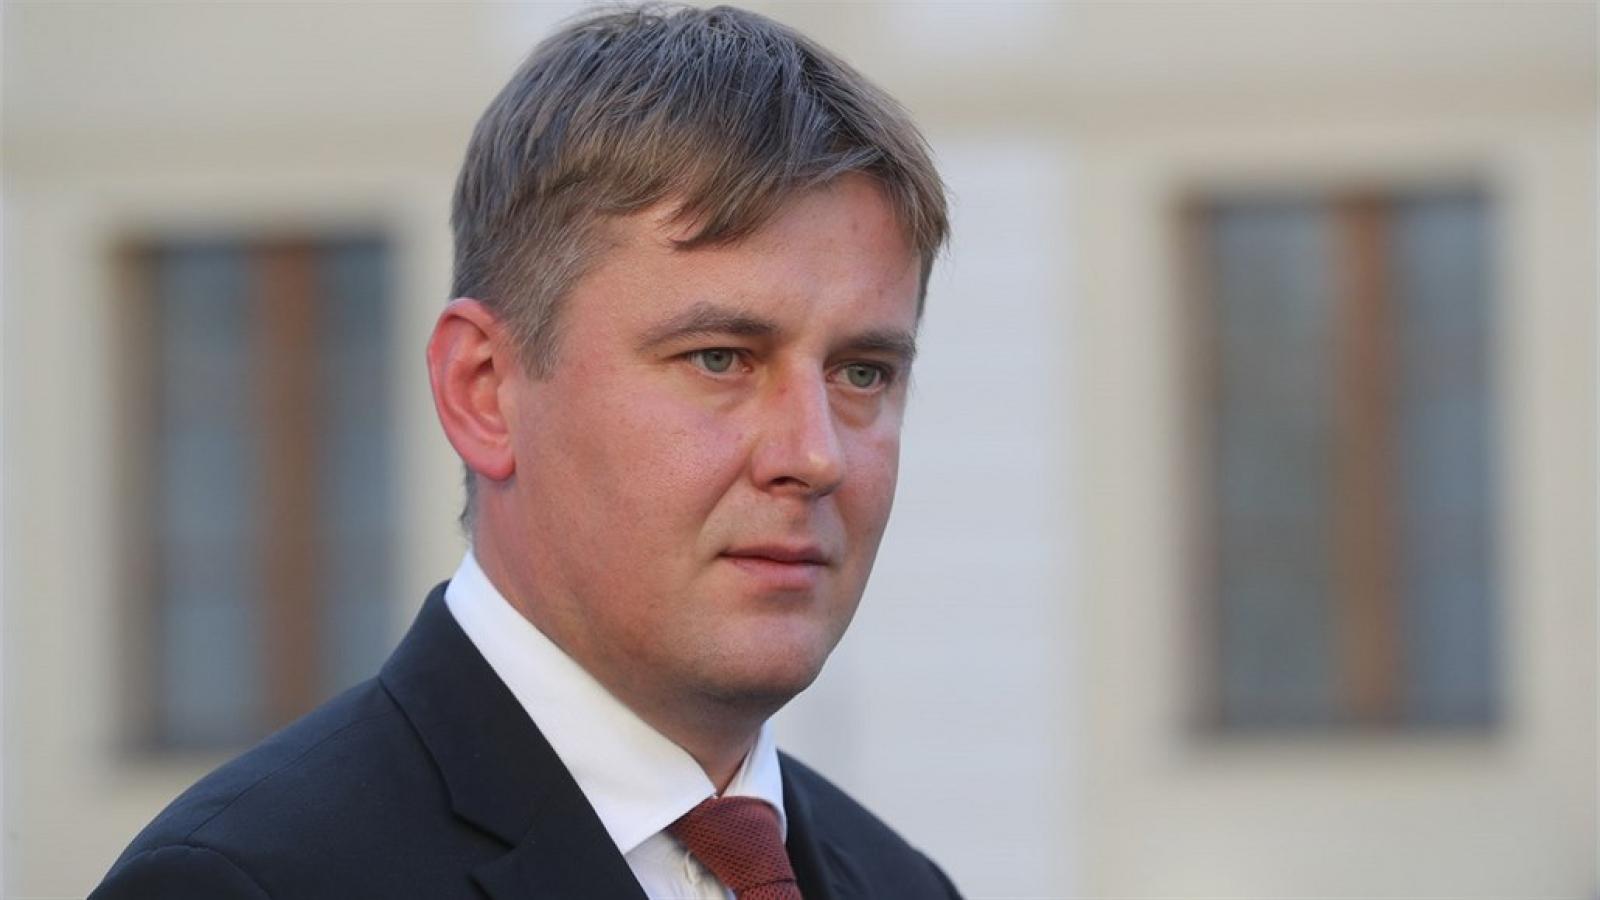 Bộ trưởng ngoại giao Séc từ chức sau những bất đồng với lãnh đạo cấp cao của Séc